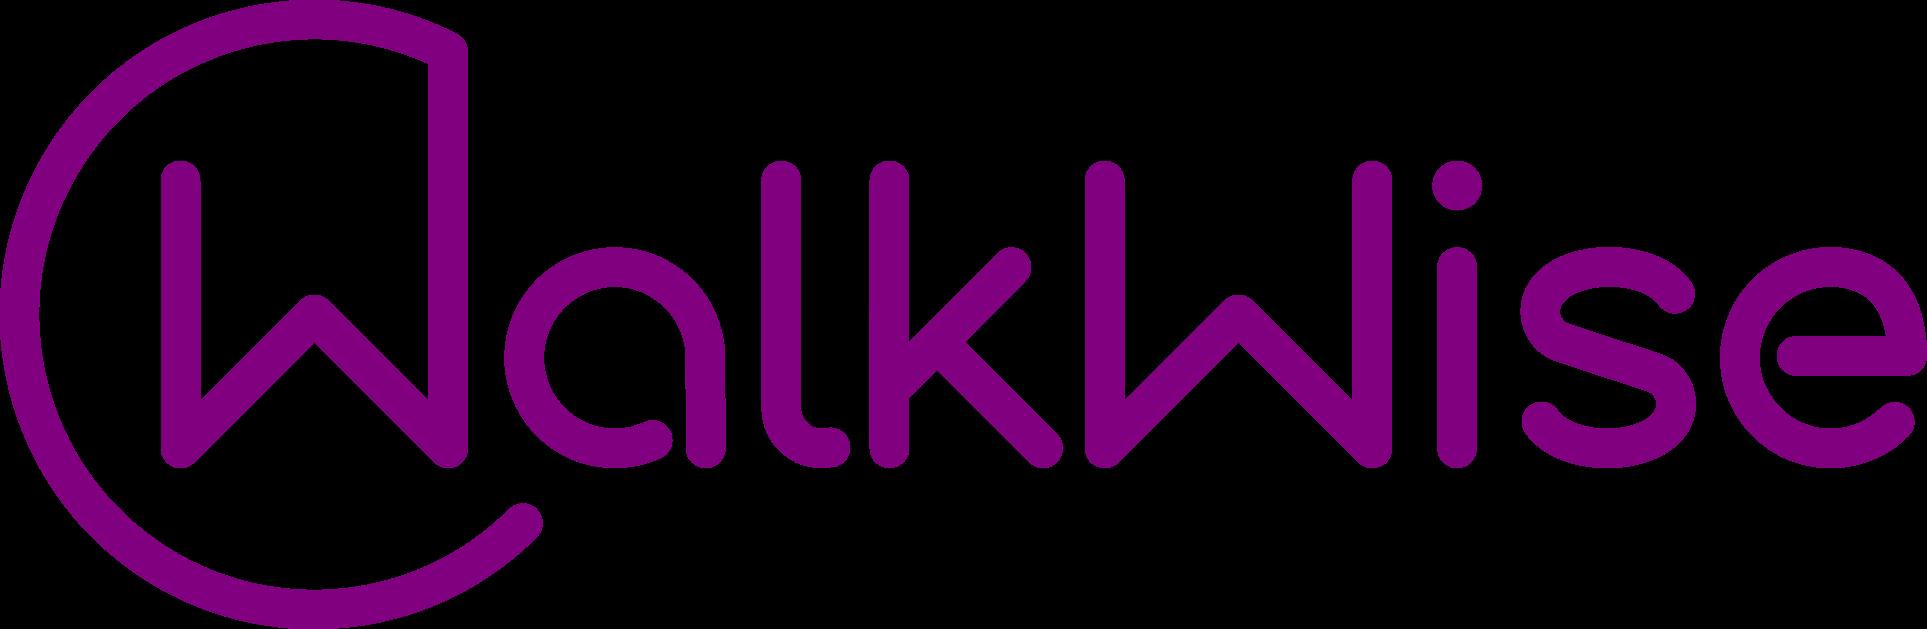 WalkWise